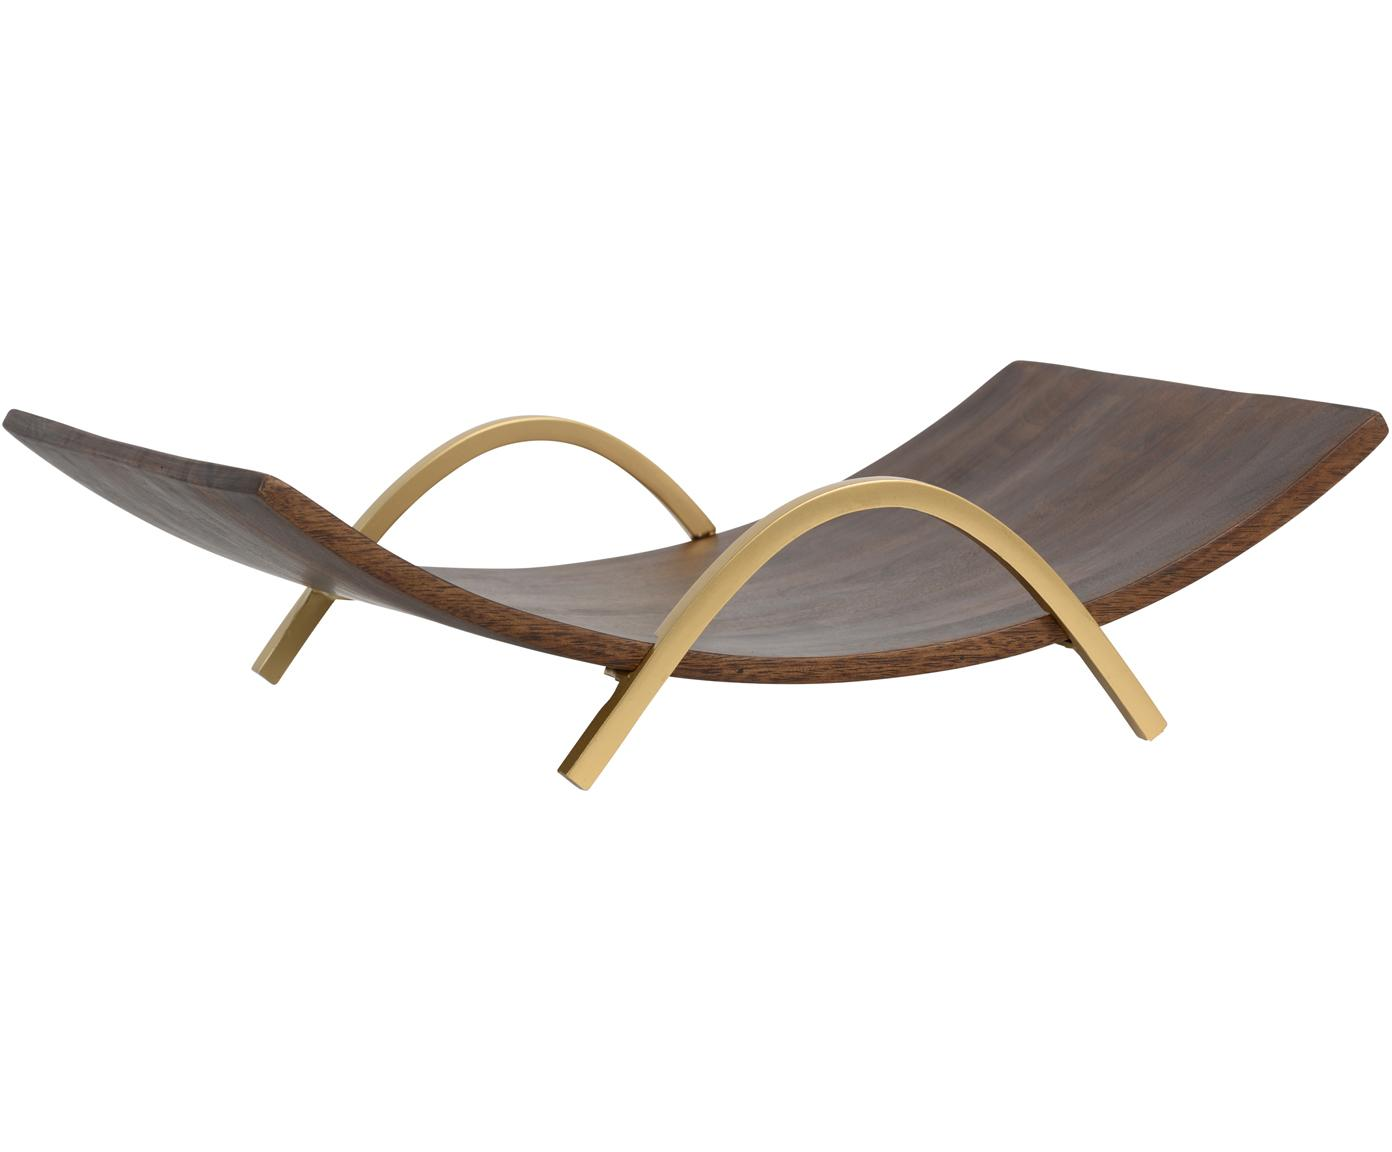 Fuente en madera de mango de diseño Expose, Madera de mango, metal, Nogal, latón, An 40 x Al 11 cm